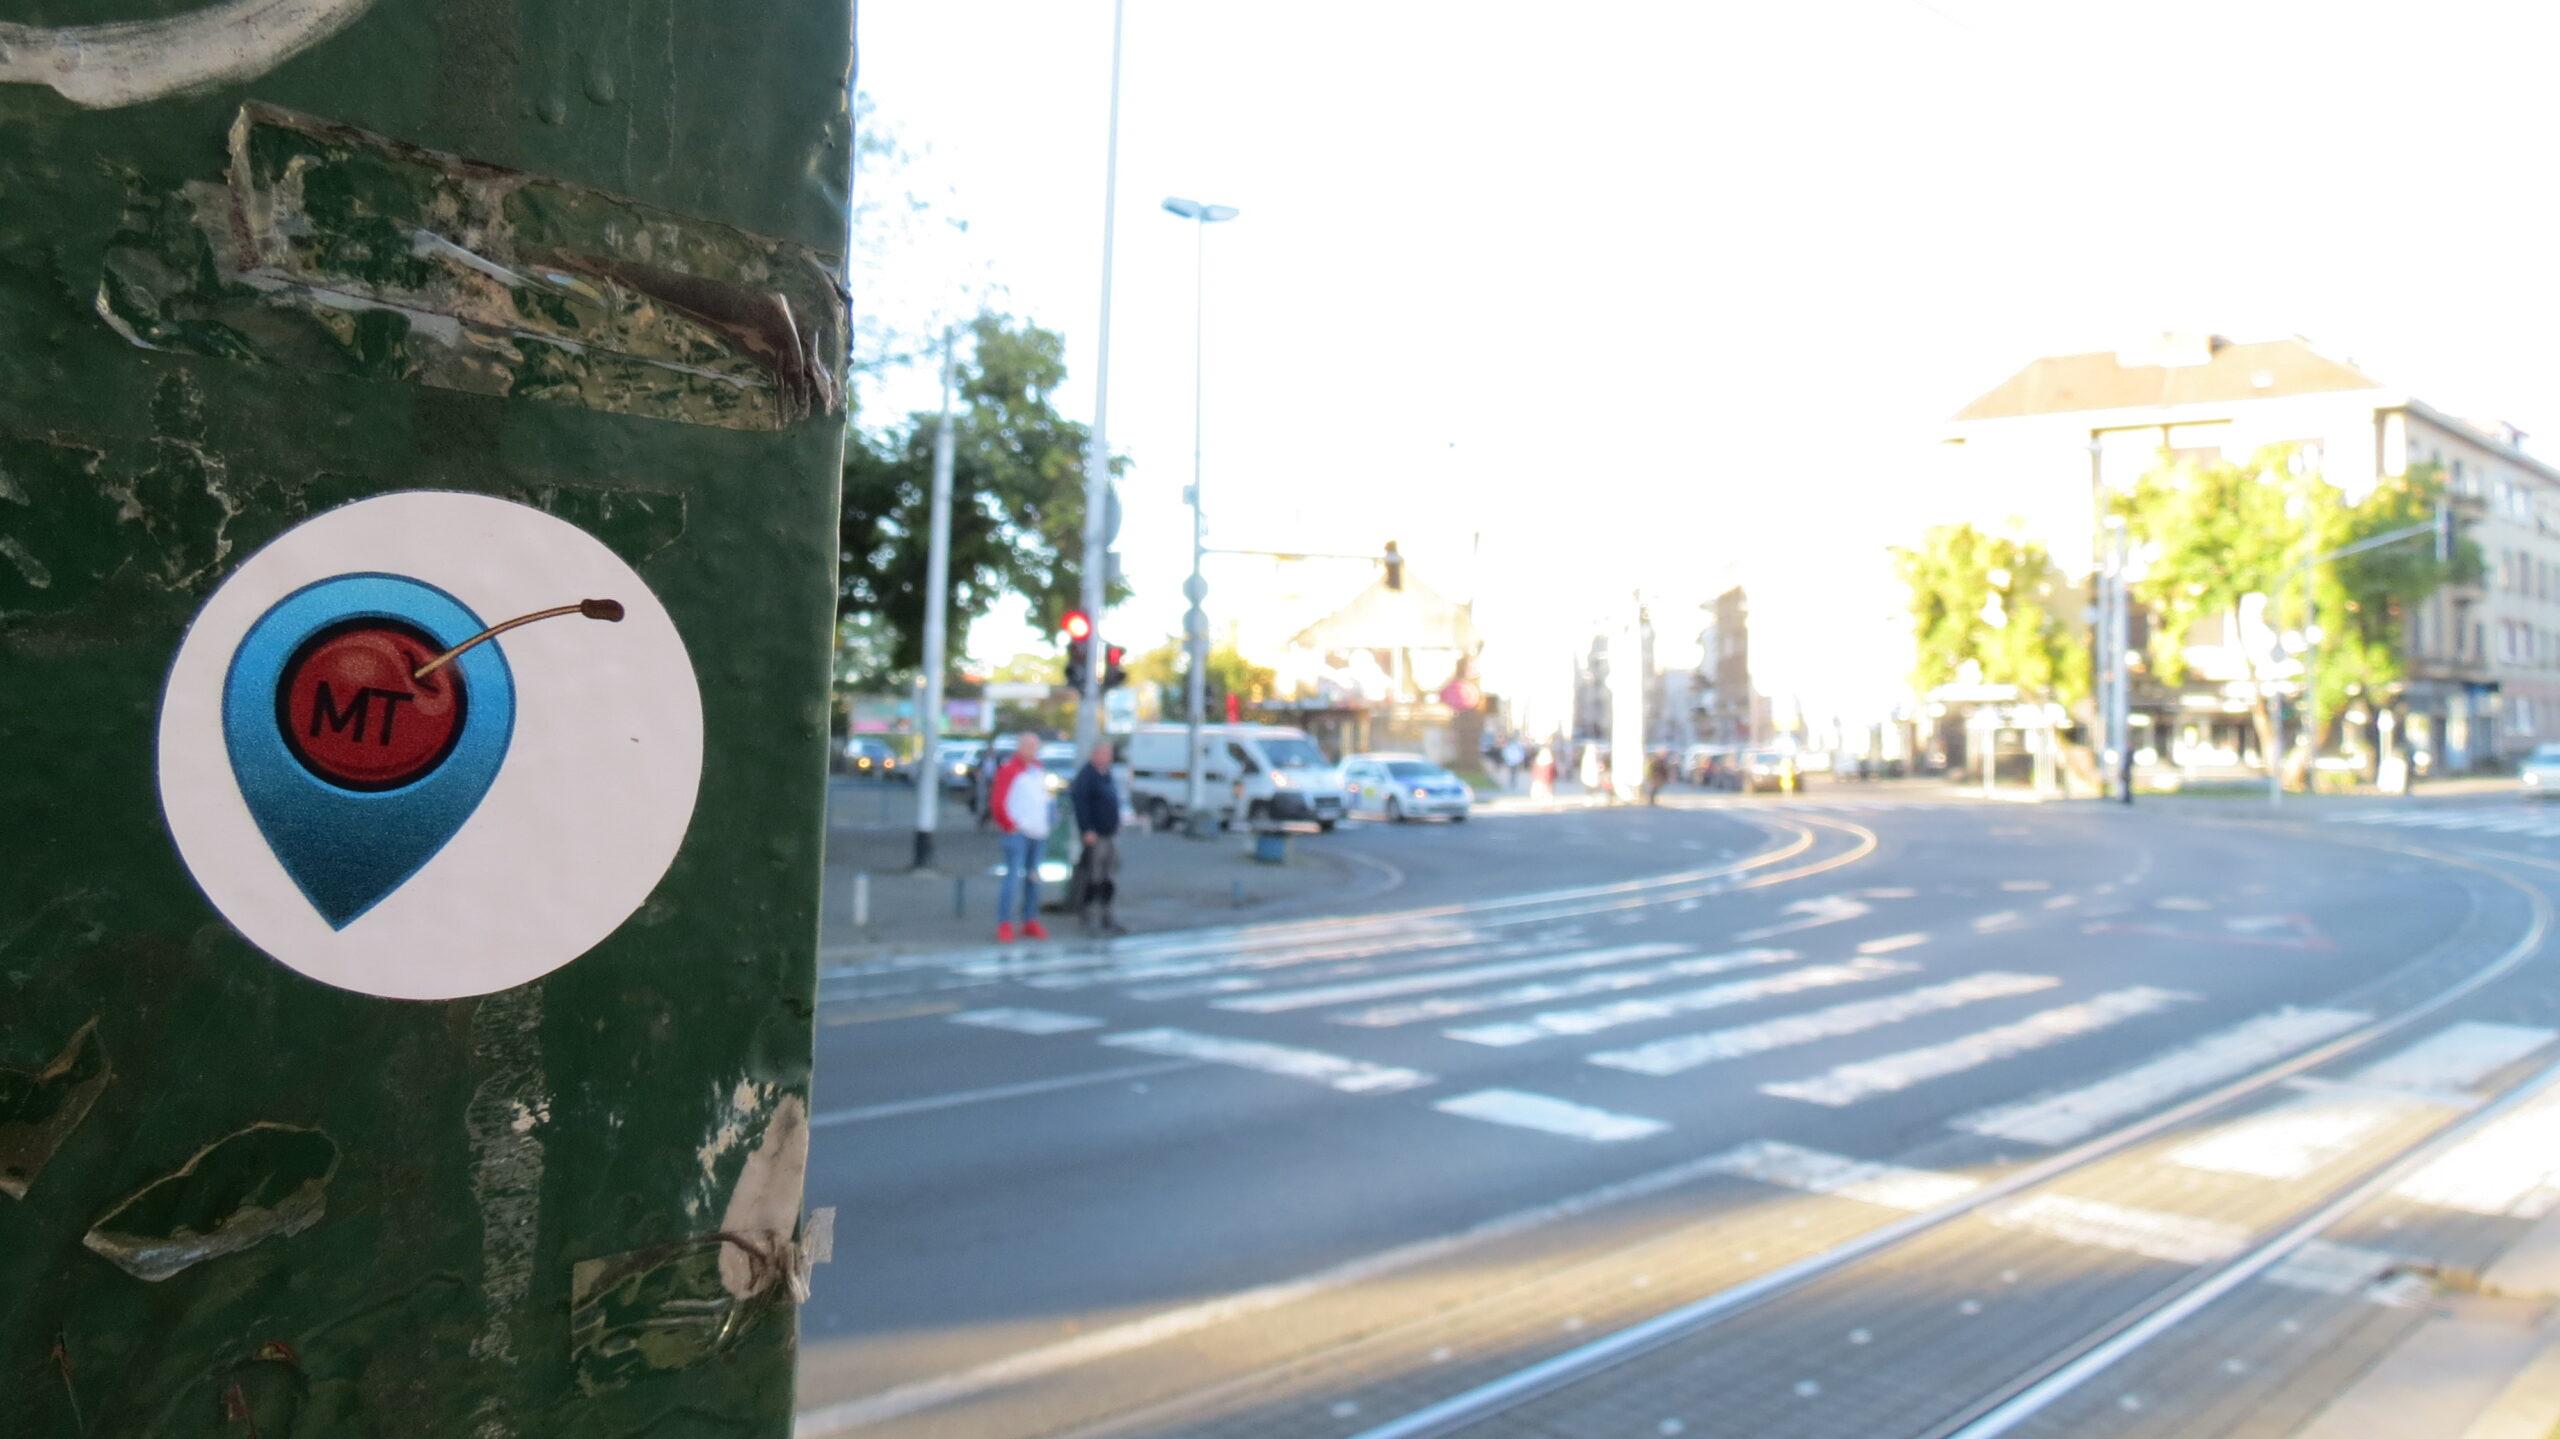 Početak Tratinske ulice gledan od željezničkog nadvožnjaka. [VR 2020.]